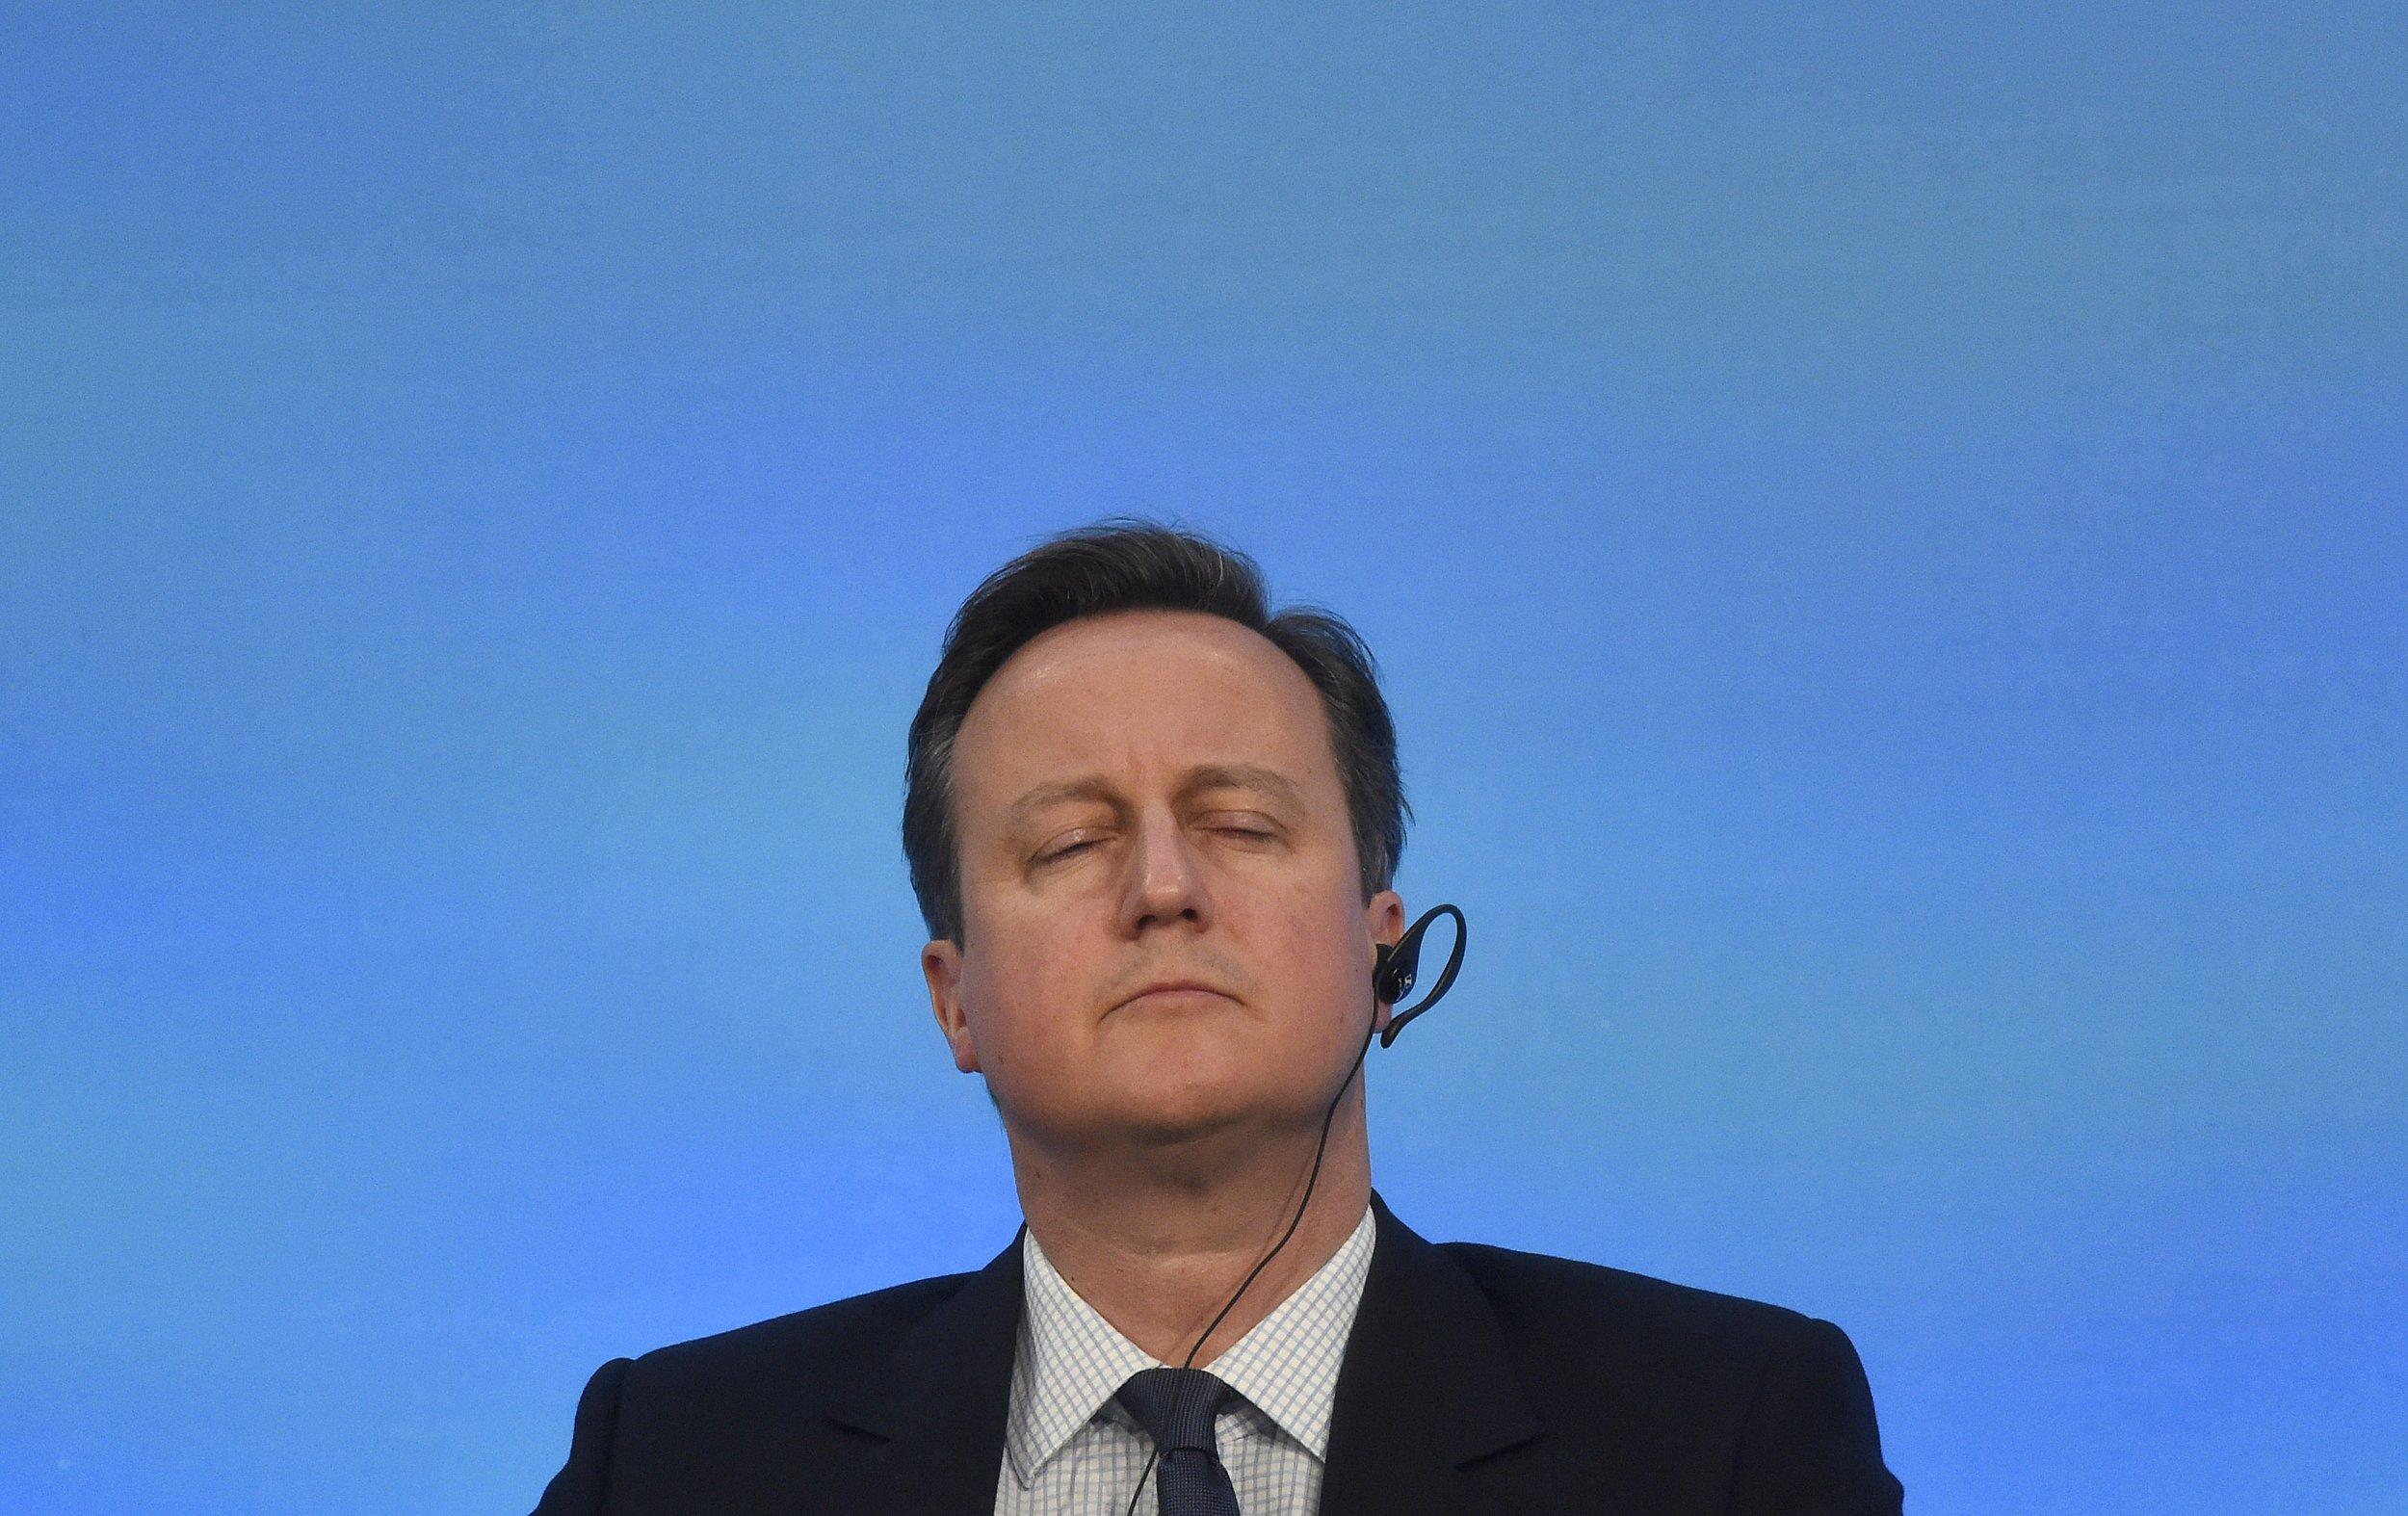 04/02/2016_David Cameron